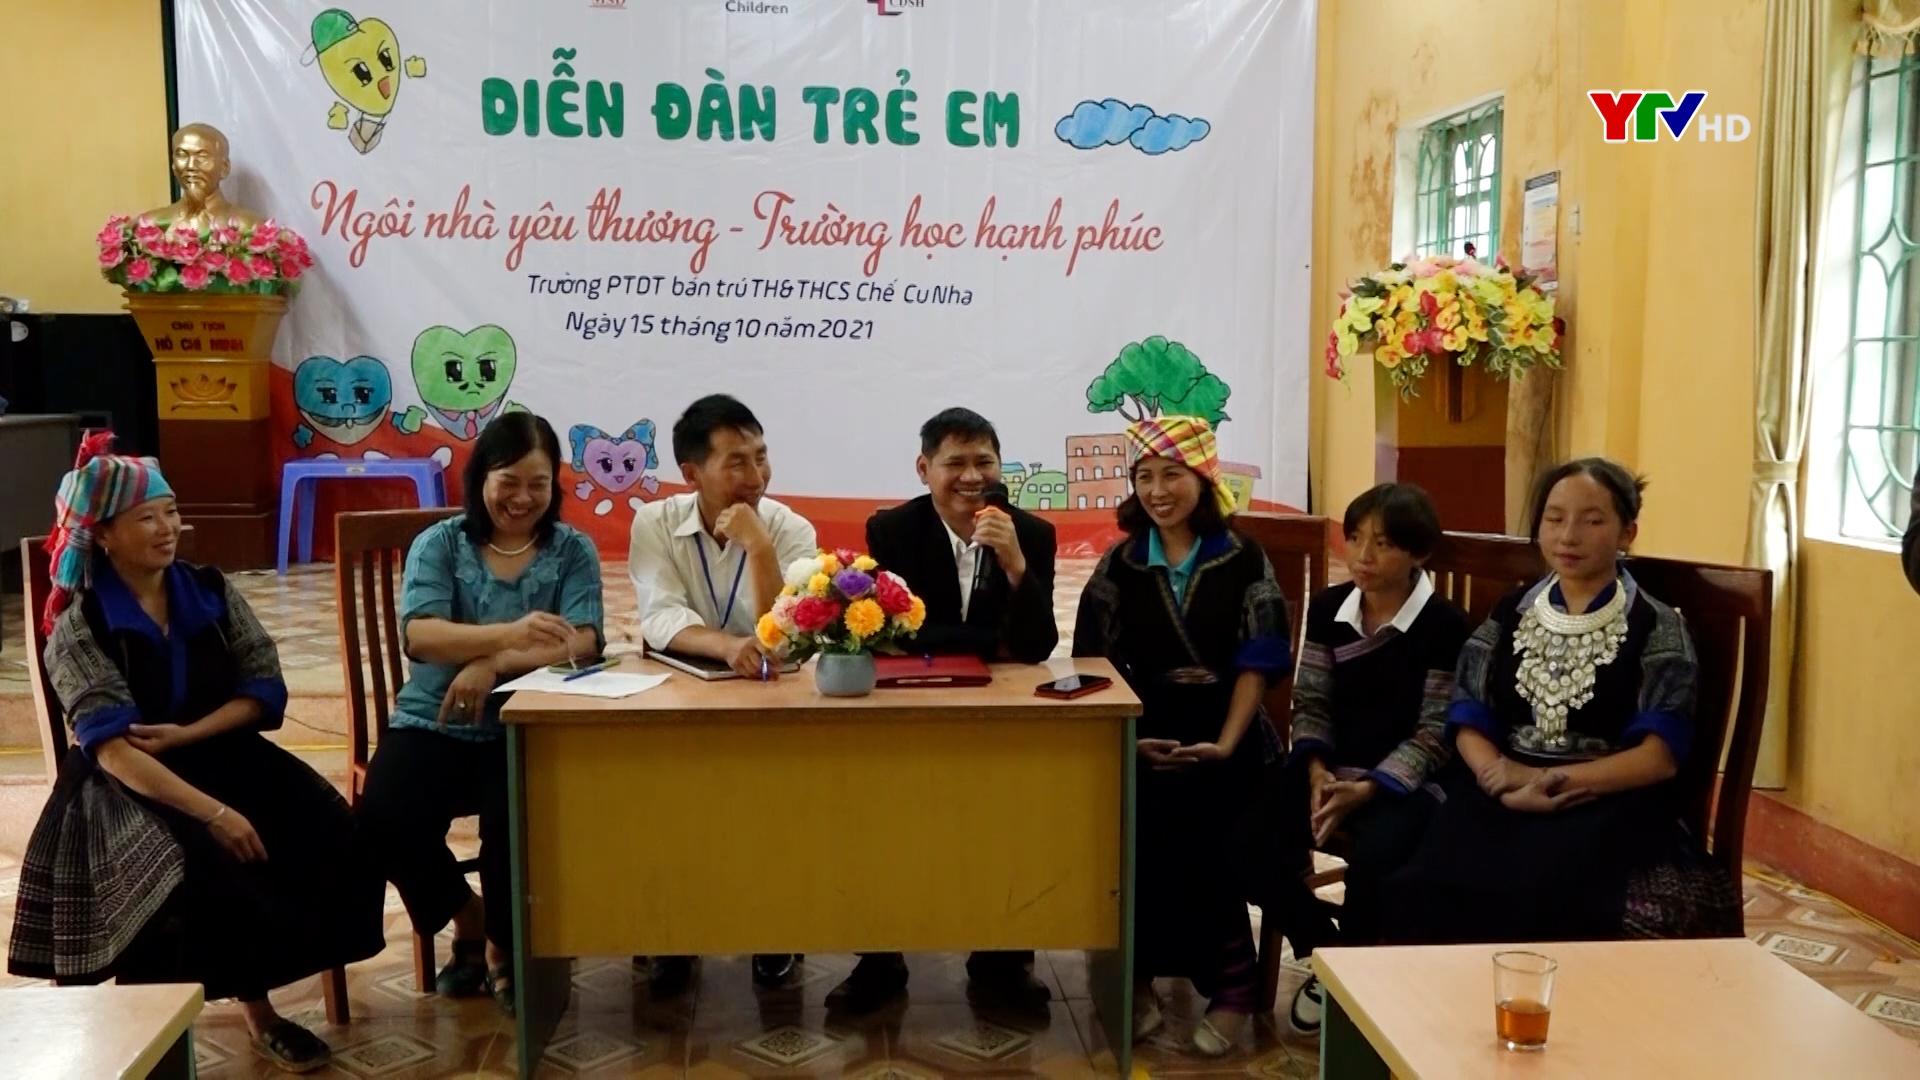 """Diễn đàn trẻ em với chủ đề """" Ngôi nhà yêu thương, trường học hạnh phúc"""" tại huyện Mù Cang Chải"""